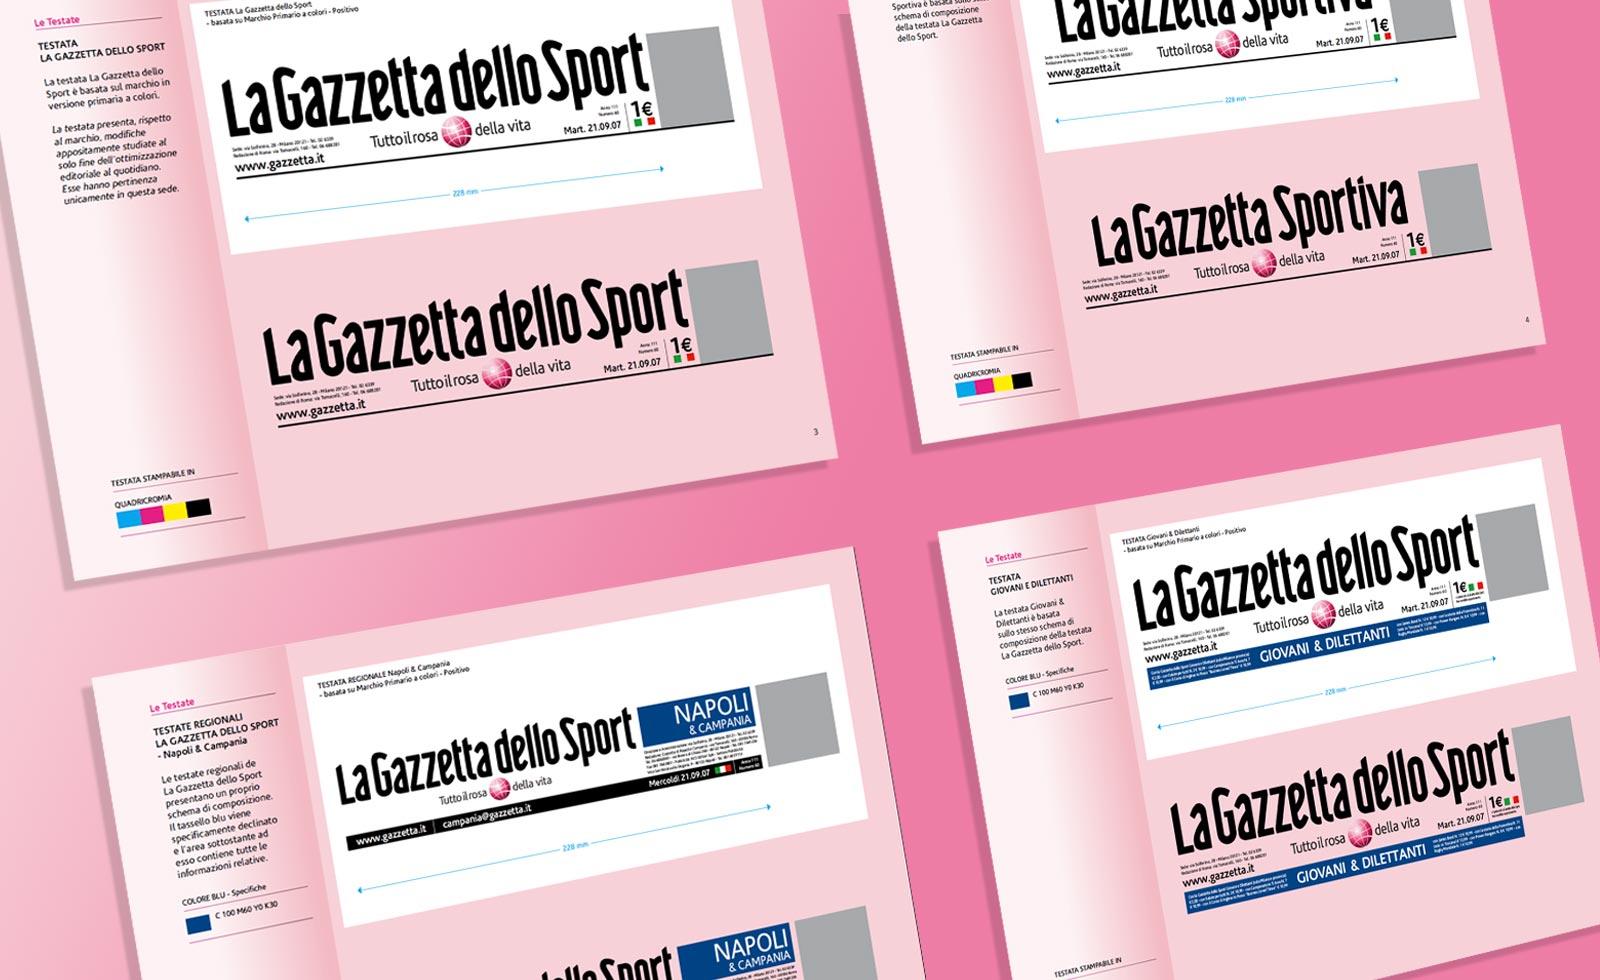 gazzetta dello sport testate regionali rebranding